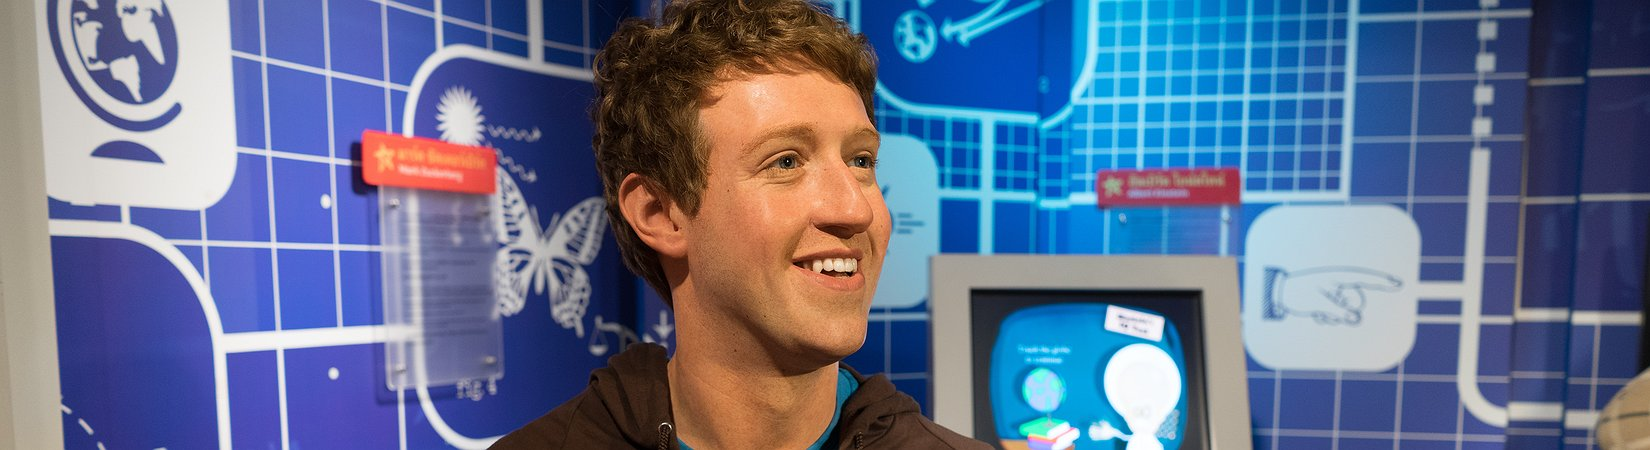 Il manifesto pro globalizzazione di Mark Zuckerberg